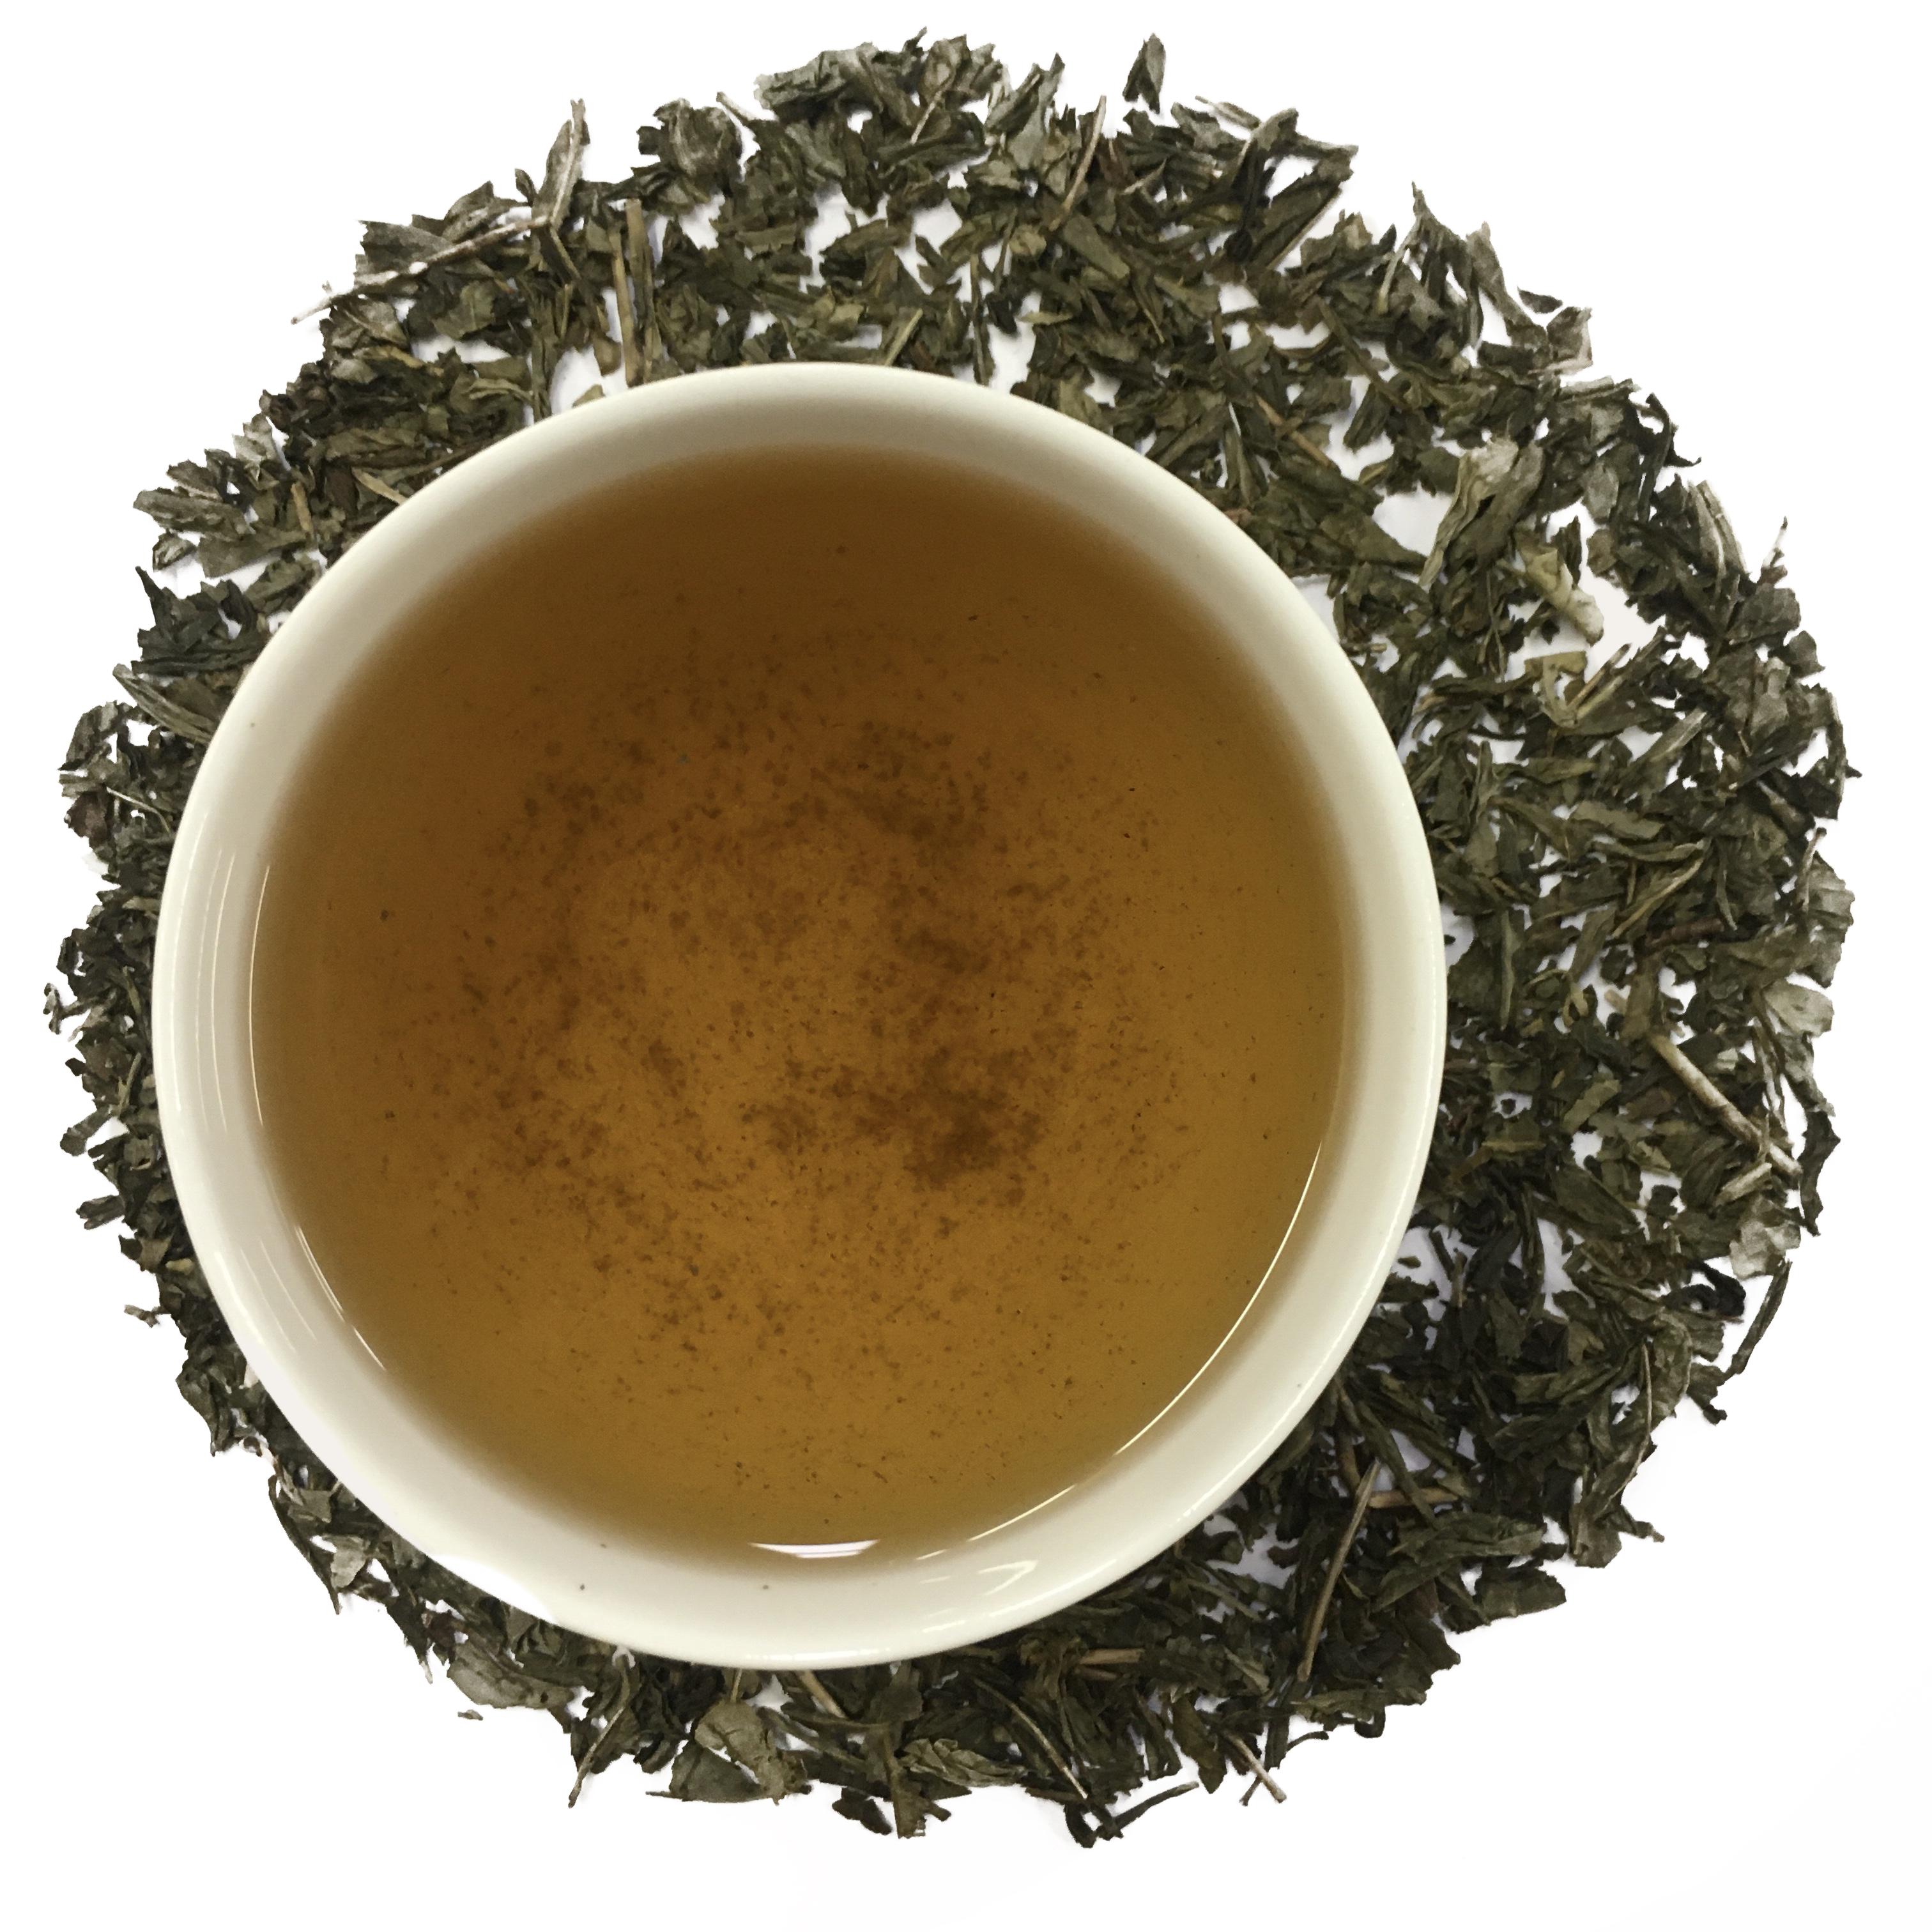 Decaf Sencha Green Tea